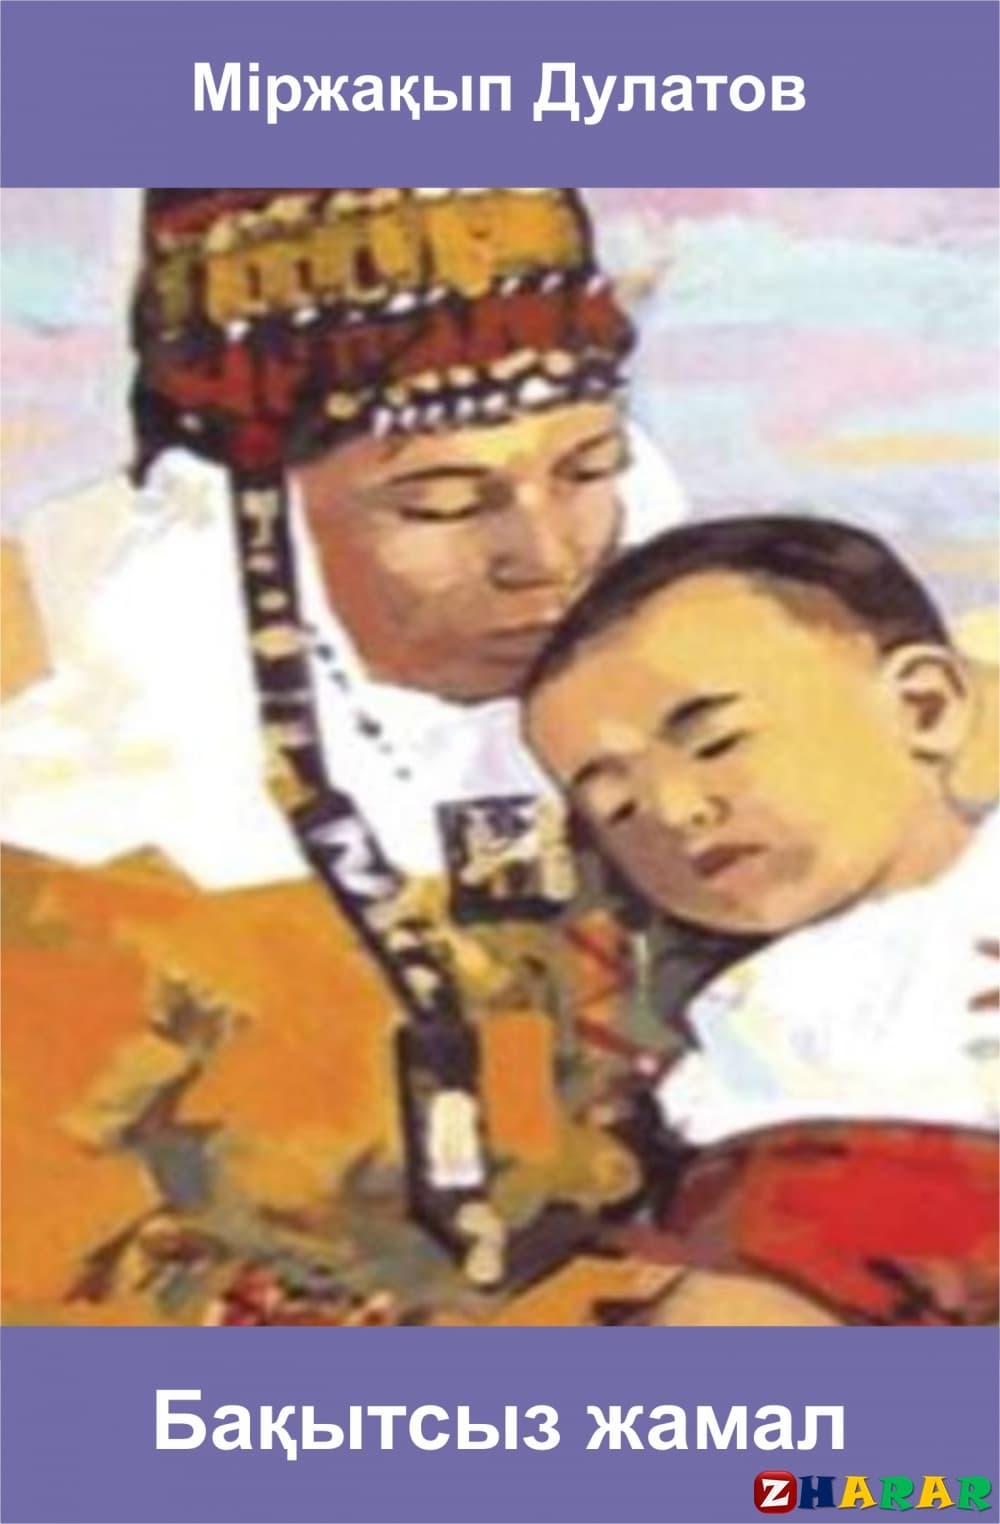 Қазақ әдебиетінен сабақ жоспары: Дулатов «Бақытсыз Жамал» романы 7-сабақ (8 сынып, III тоқсан )